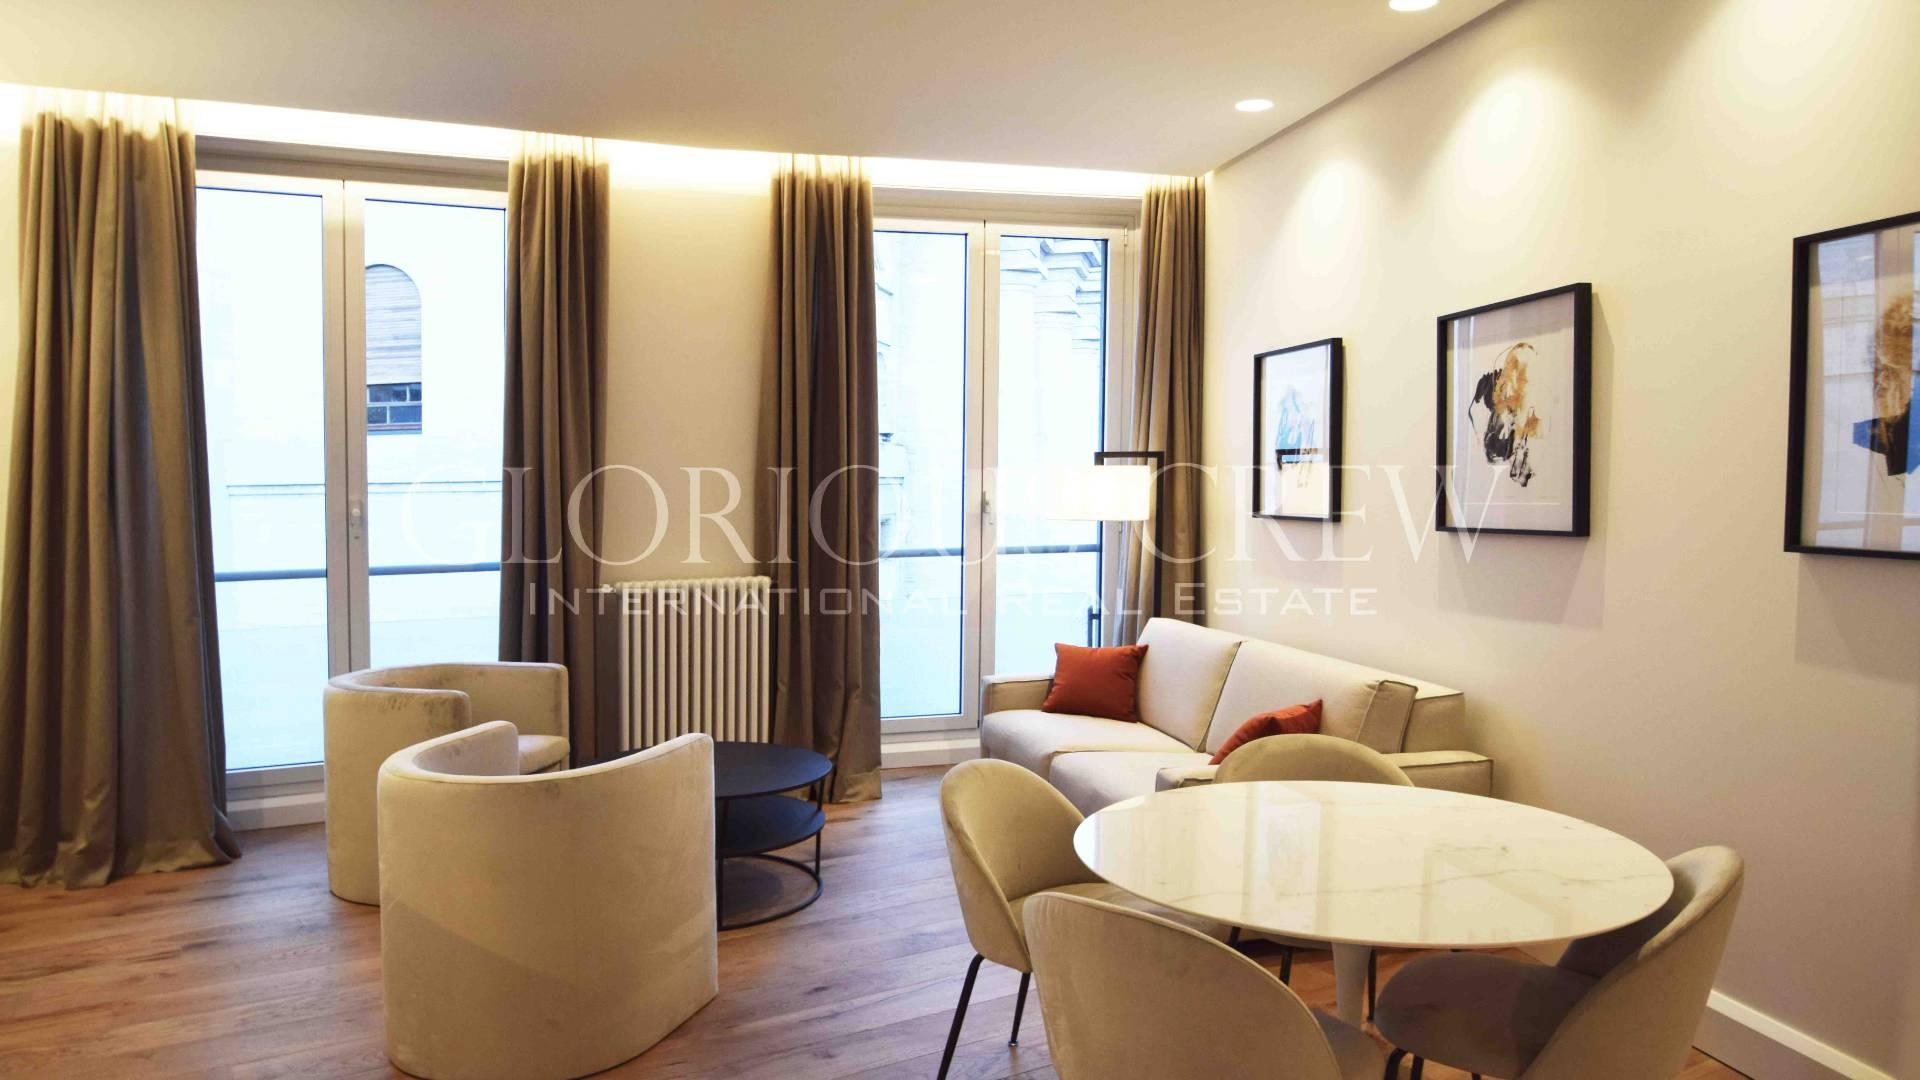 Appartamento in Affitto a Milano 01 Centro storico (Cerchia dei Navigli):  3 locali, 66 mq  - Foto 1